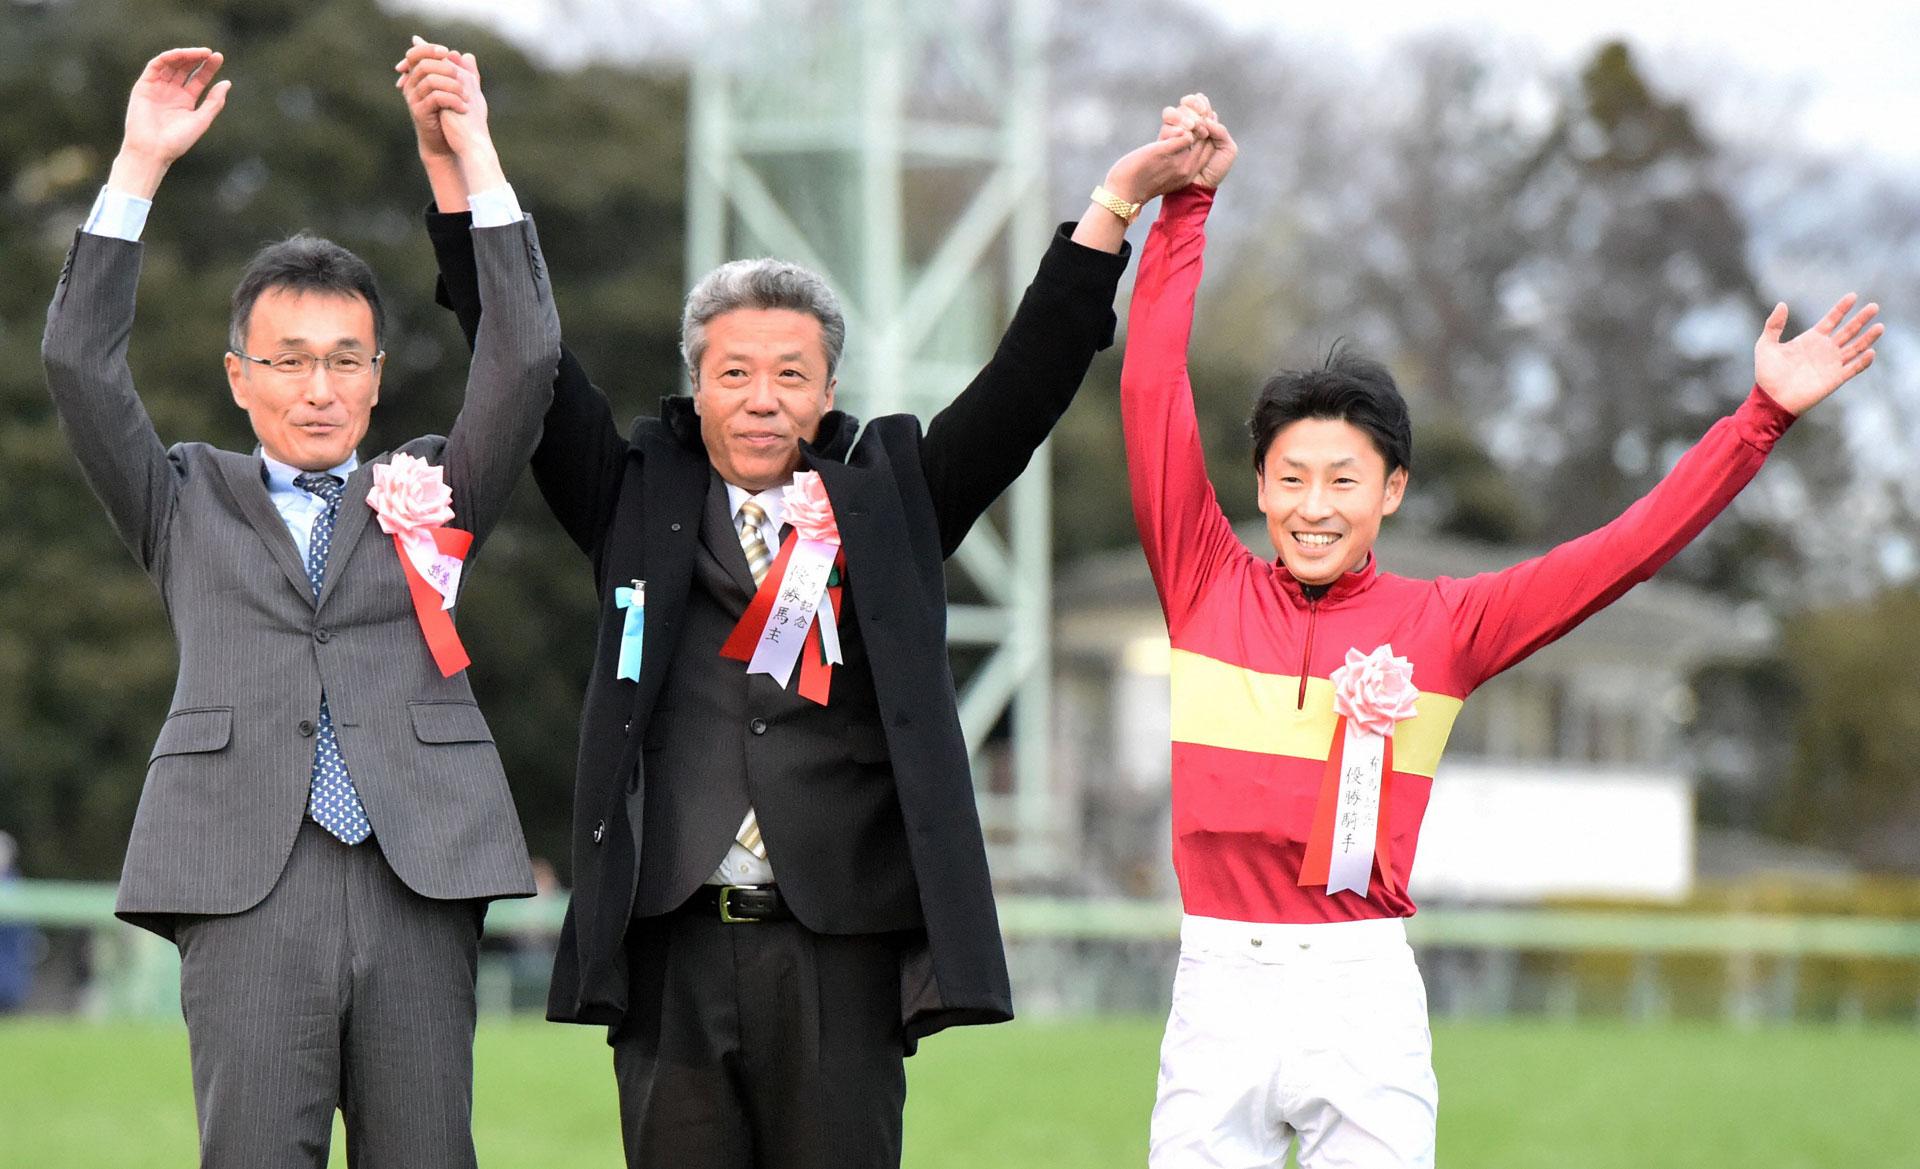 競馬馬主歴50年の居城オーナー歓喜の初戴冠/有馬記念